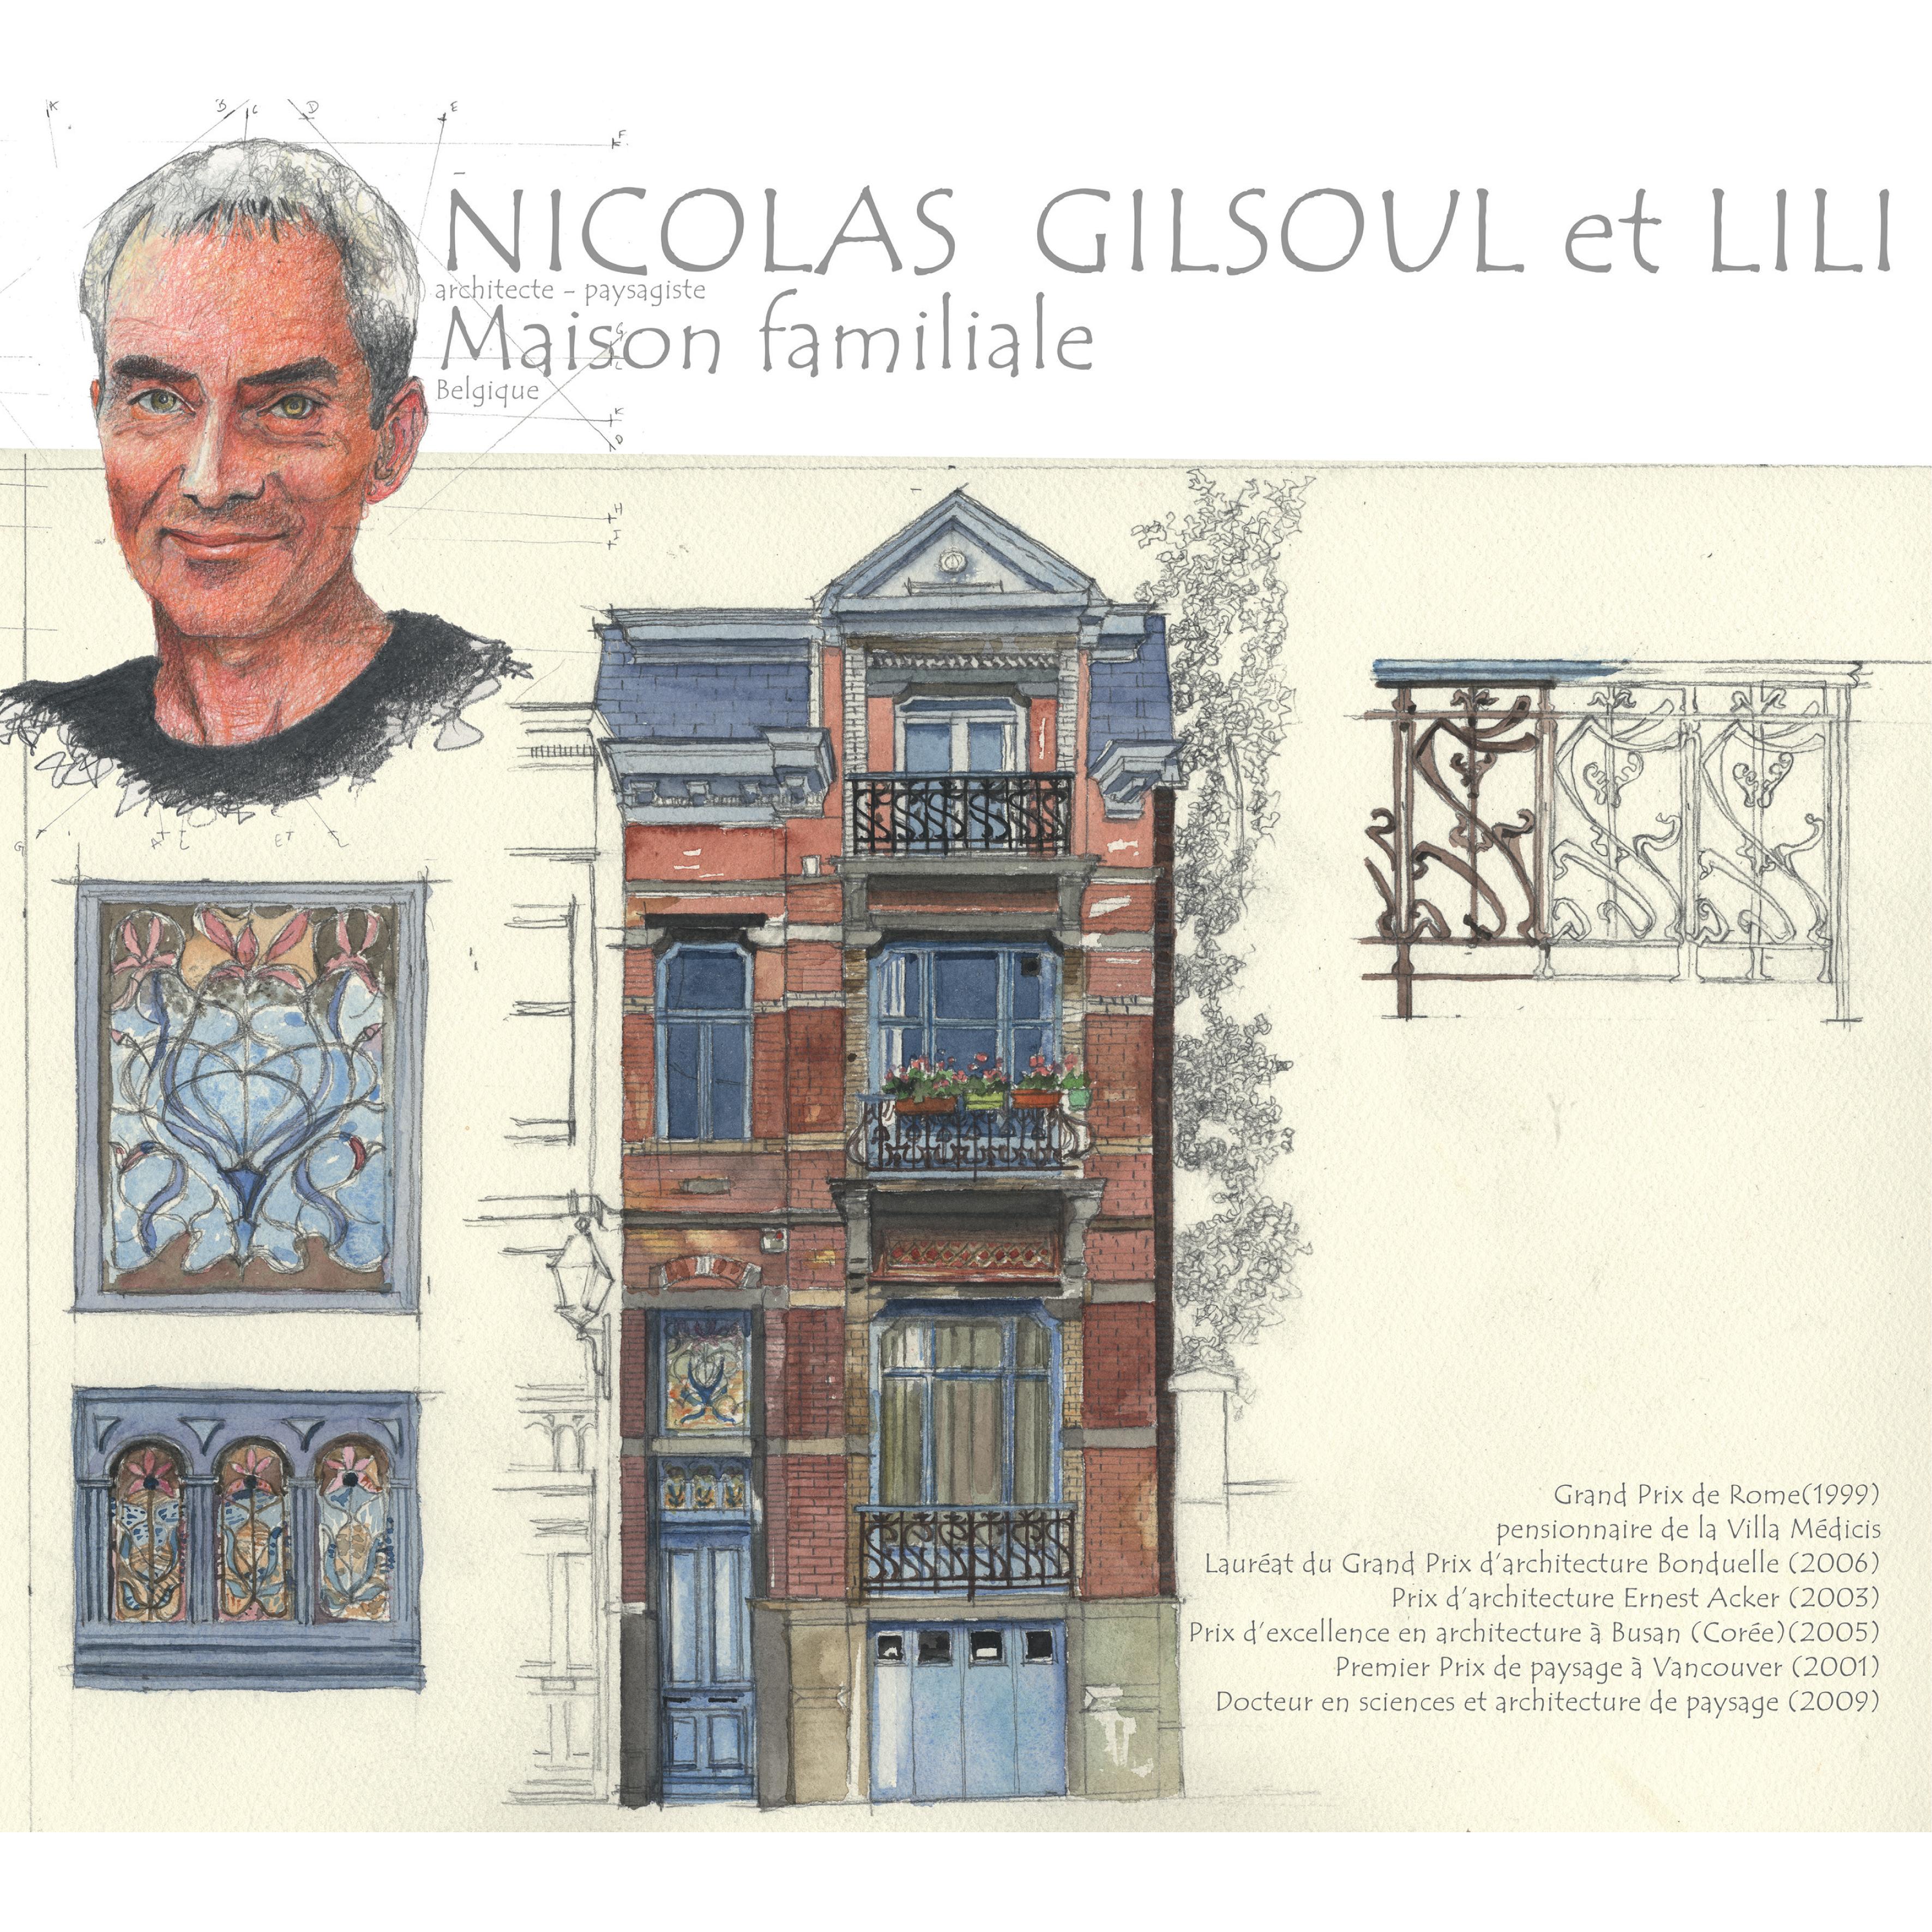 43-NICOLAS GILSOUL